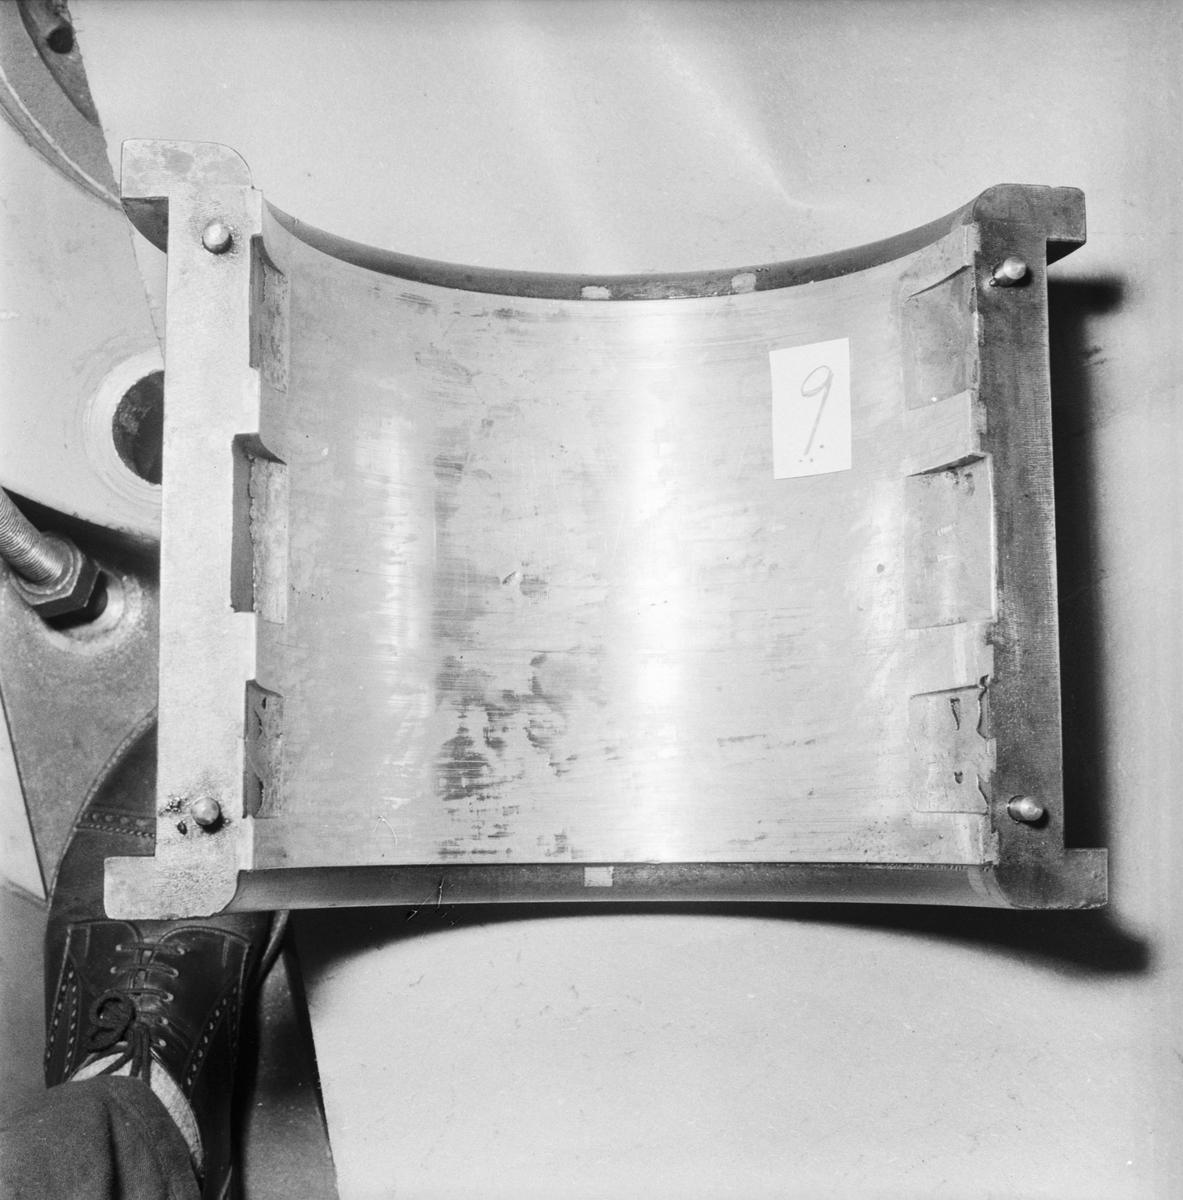 Övrigt: Foto datum: 3/3 1956 Byggnader och kranar Kraftcentralen disel gjutfel. Närmast identisk bild: V8721, ej skannad